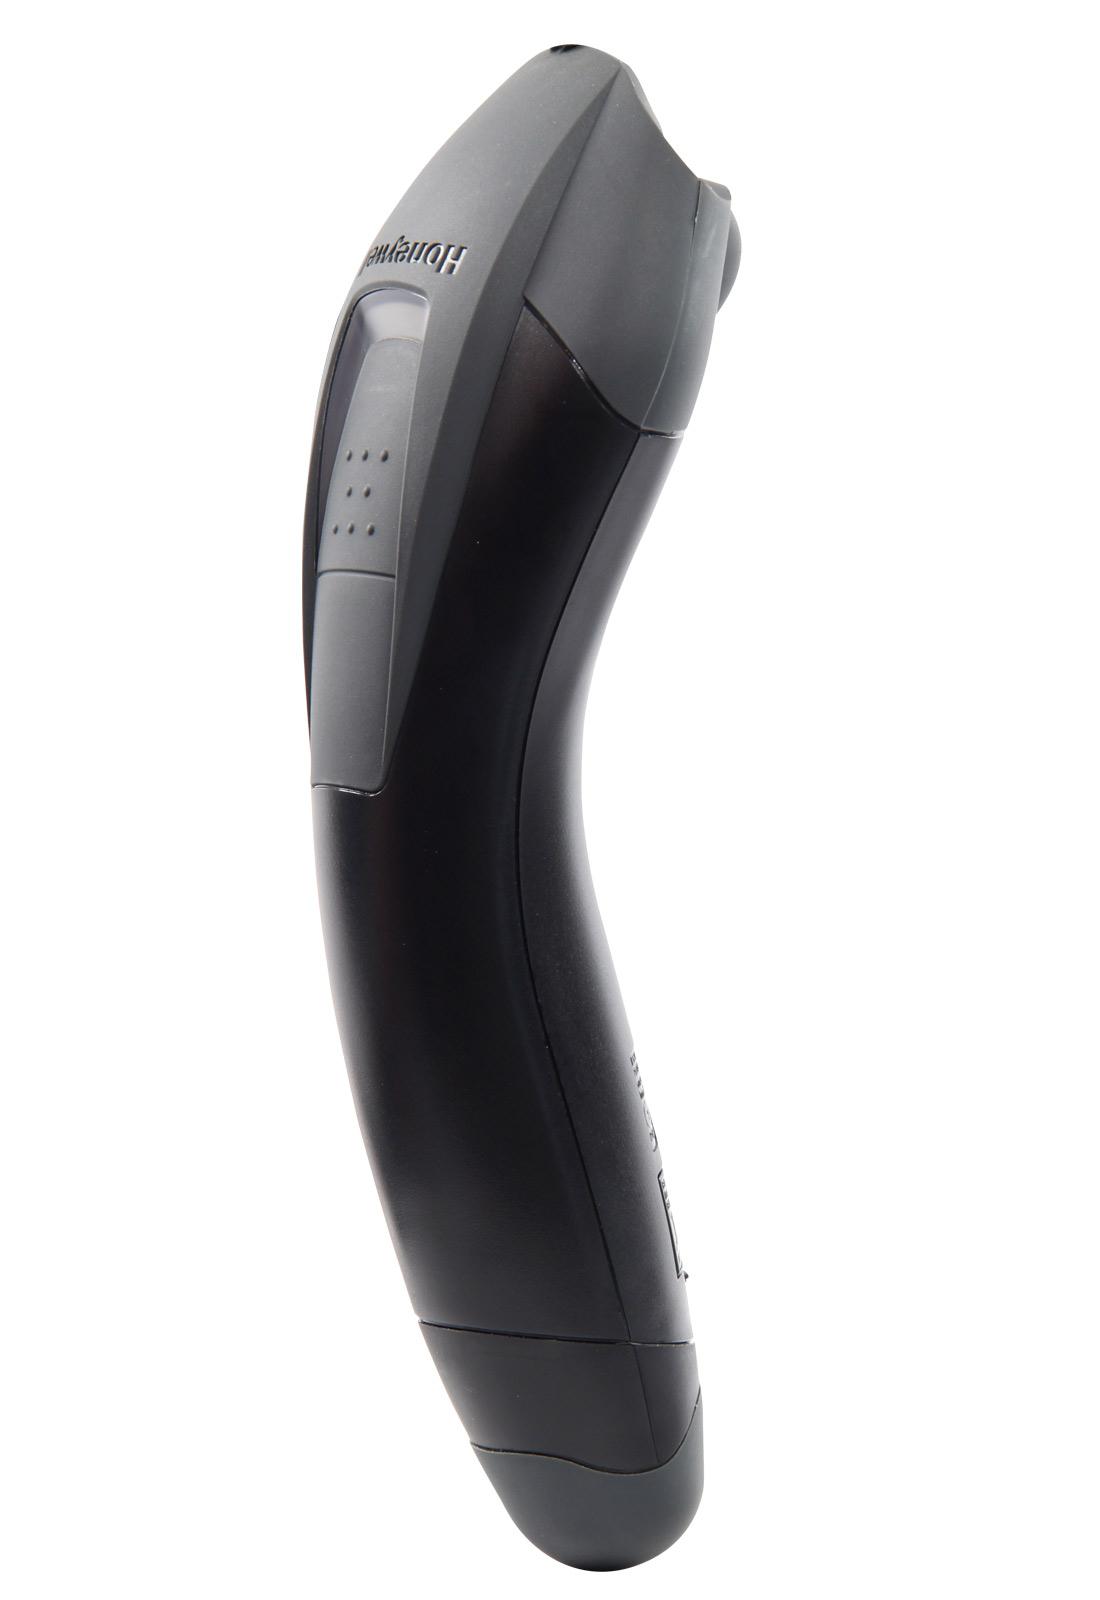 HONEYWELL Voyager 1202g BT. USB schwarz - Barcode-Scanner